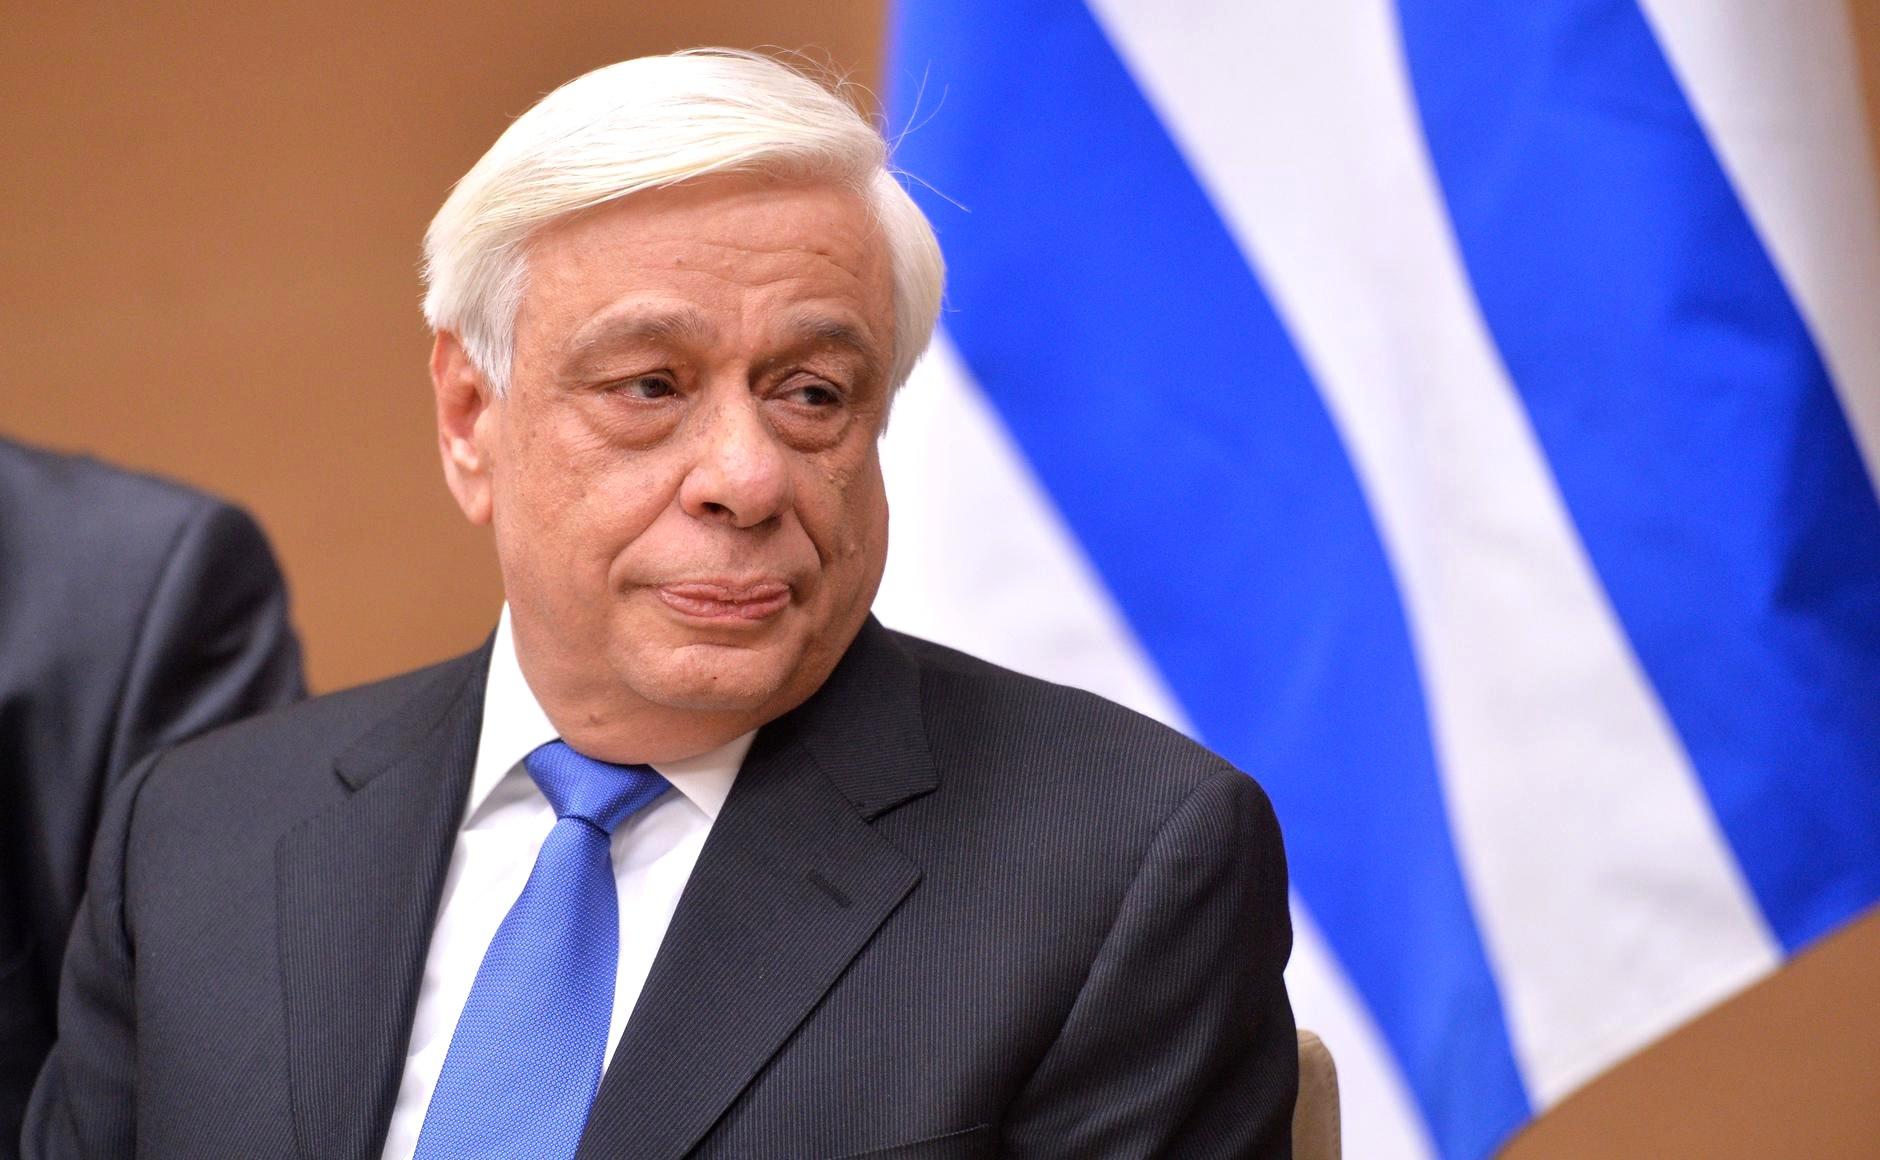 Με ίωση ο Προκόπης Παυλόπουλος